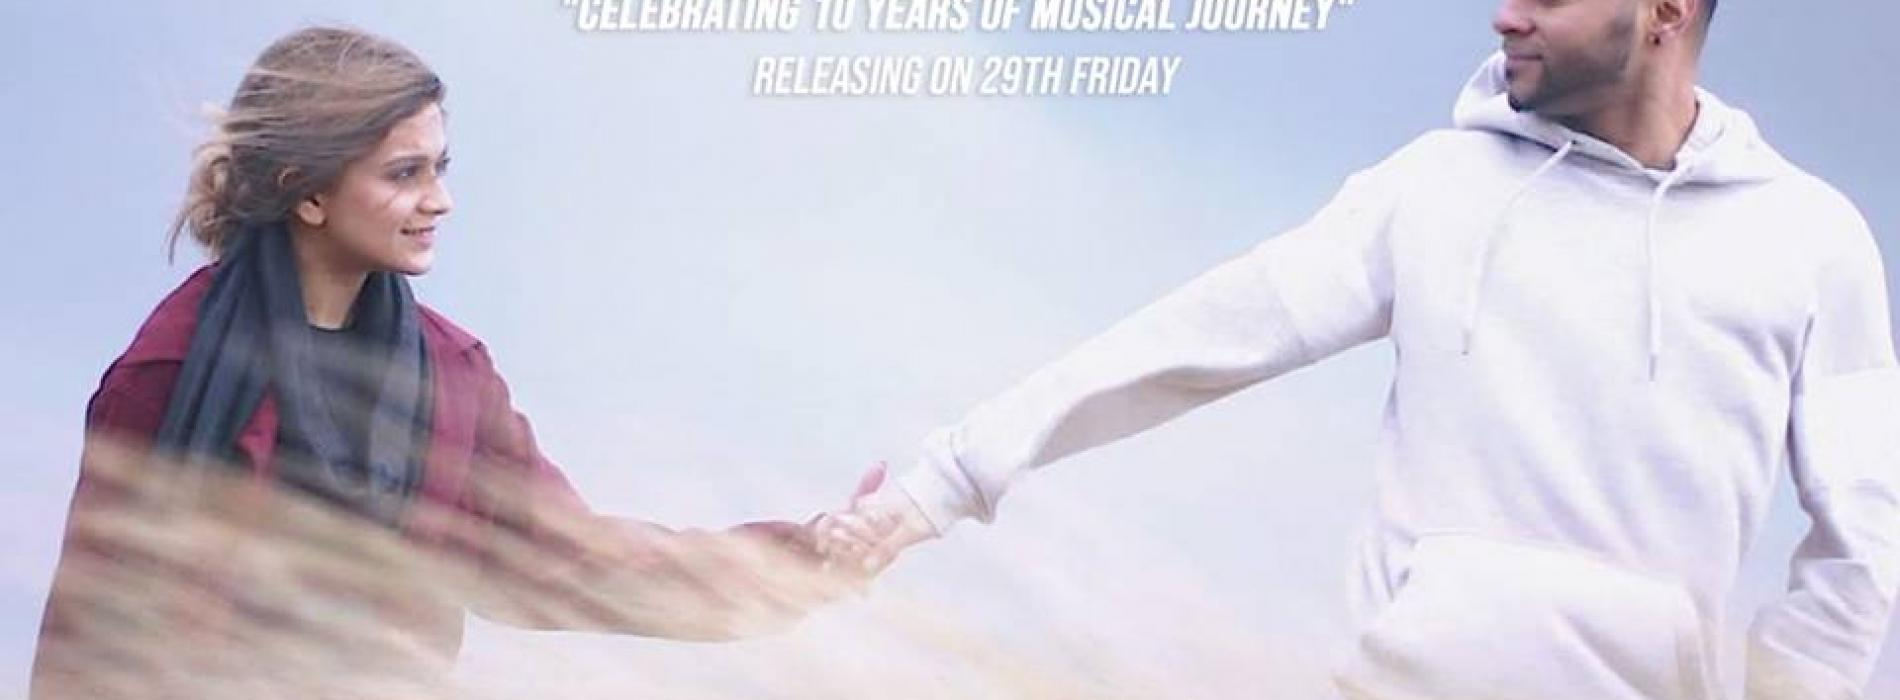 SunJ Bandara Celebrates A Decade In Music!